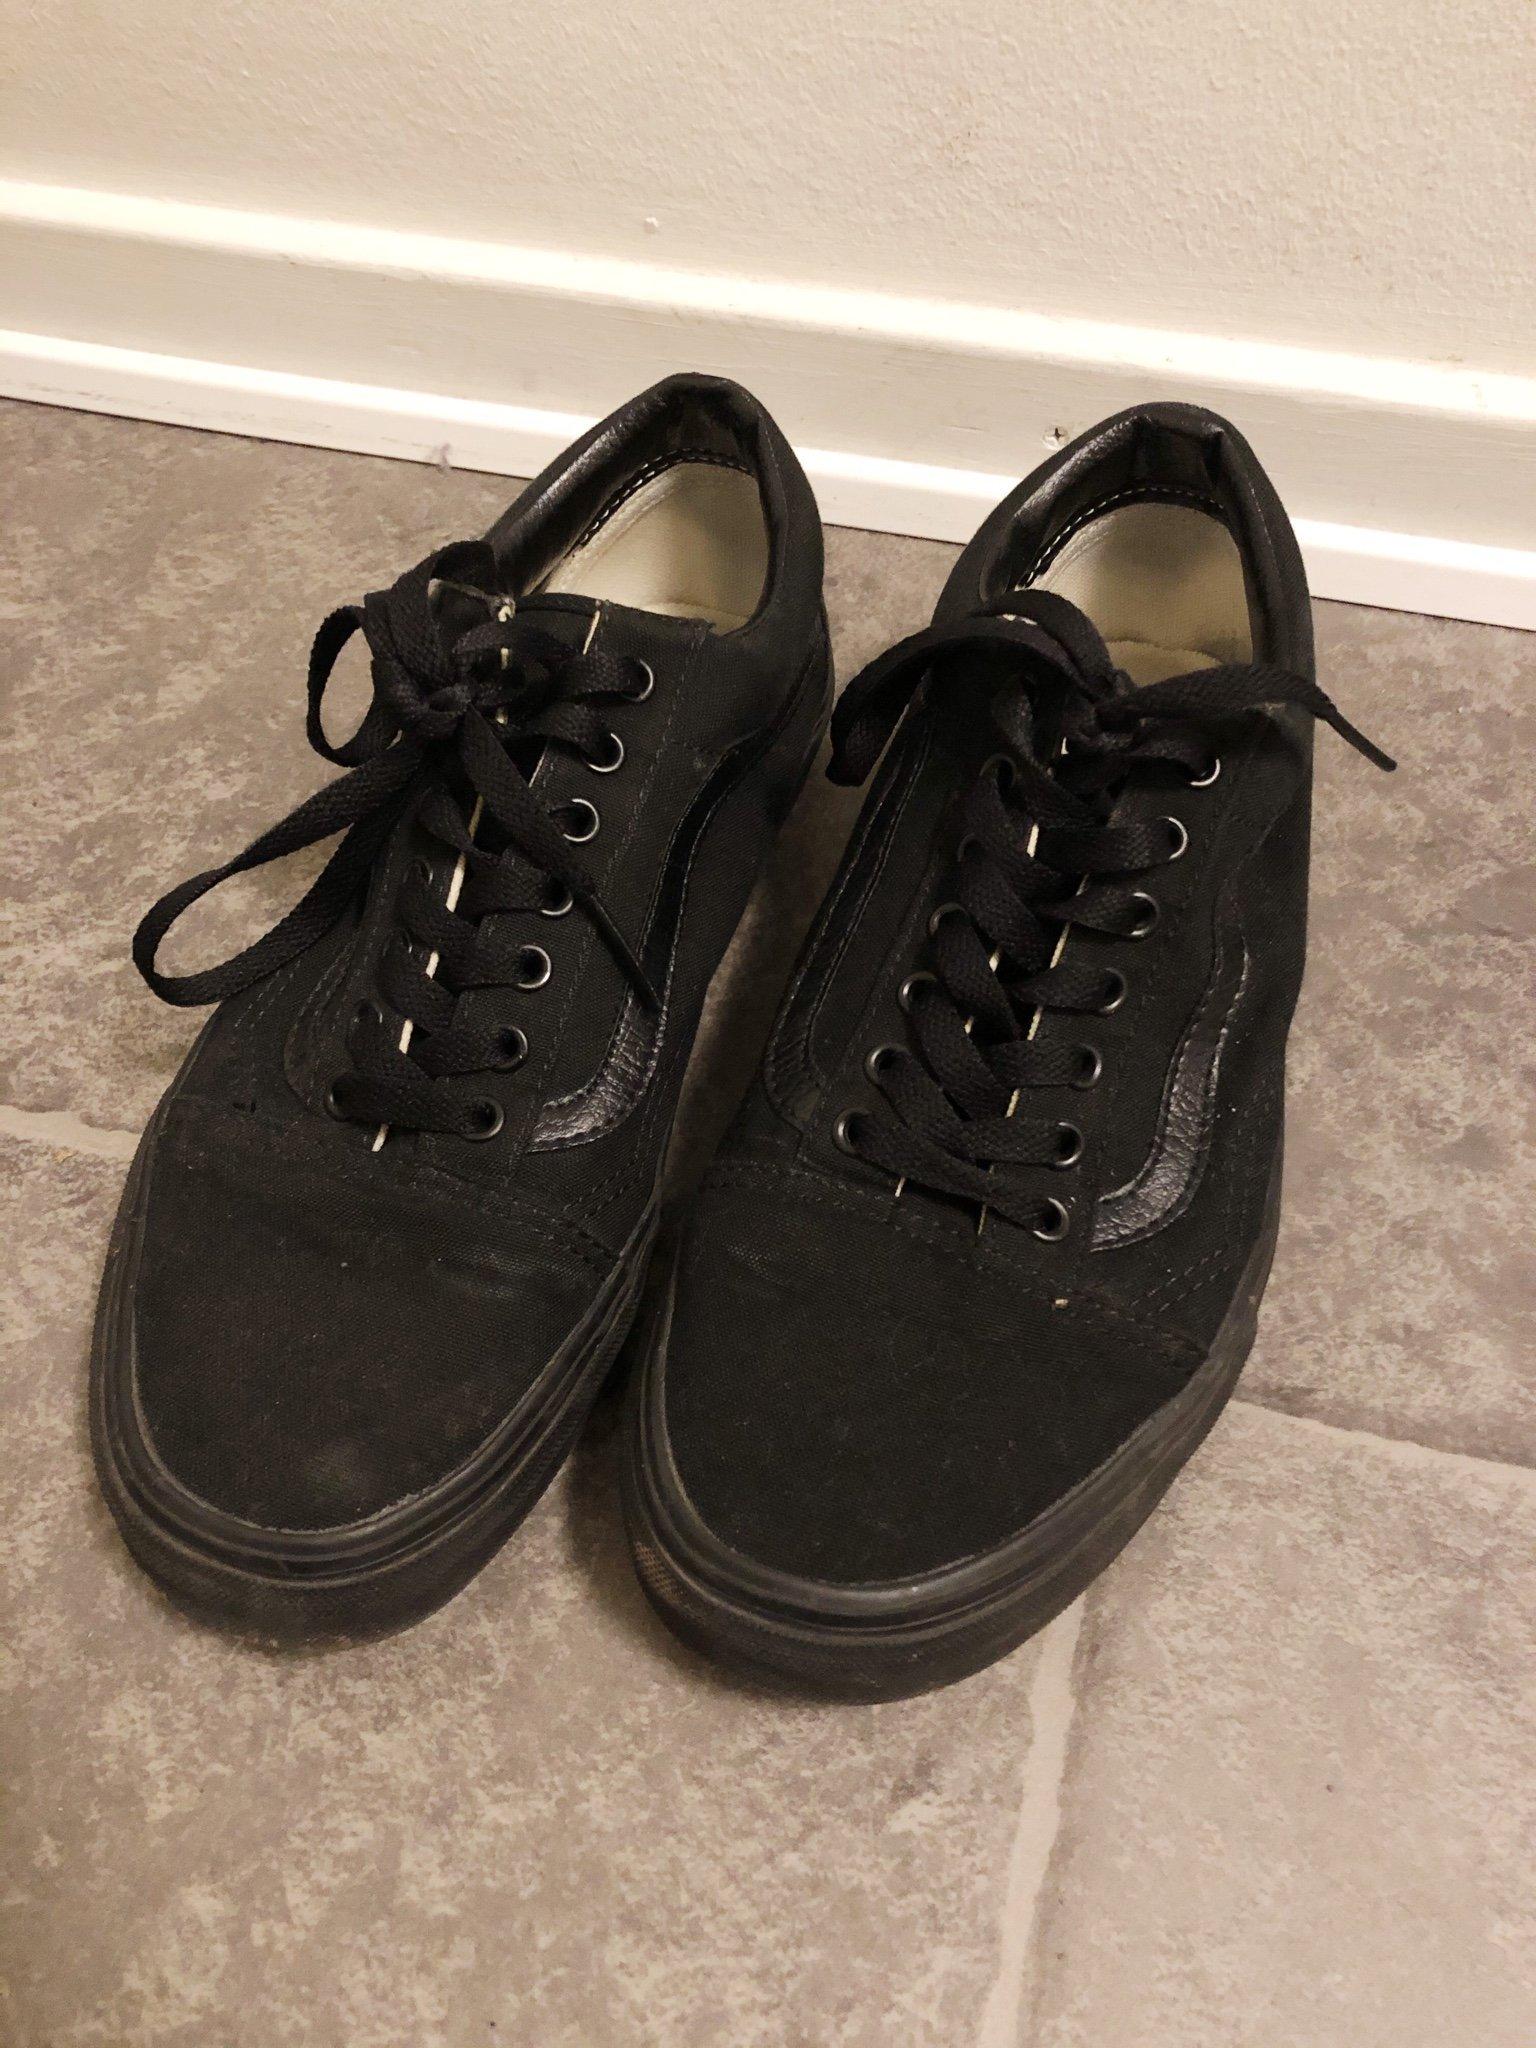 Vans skor | Vans Old Skool Shoes. 2020 04 15